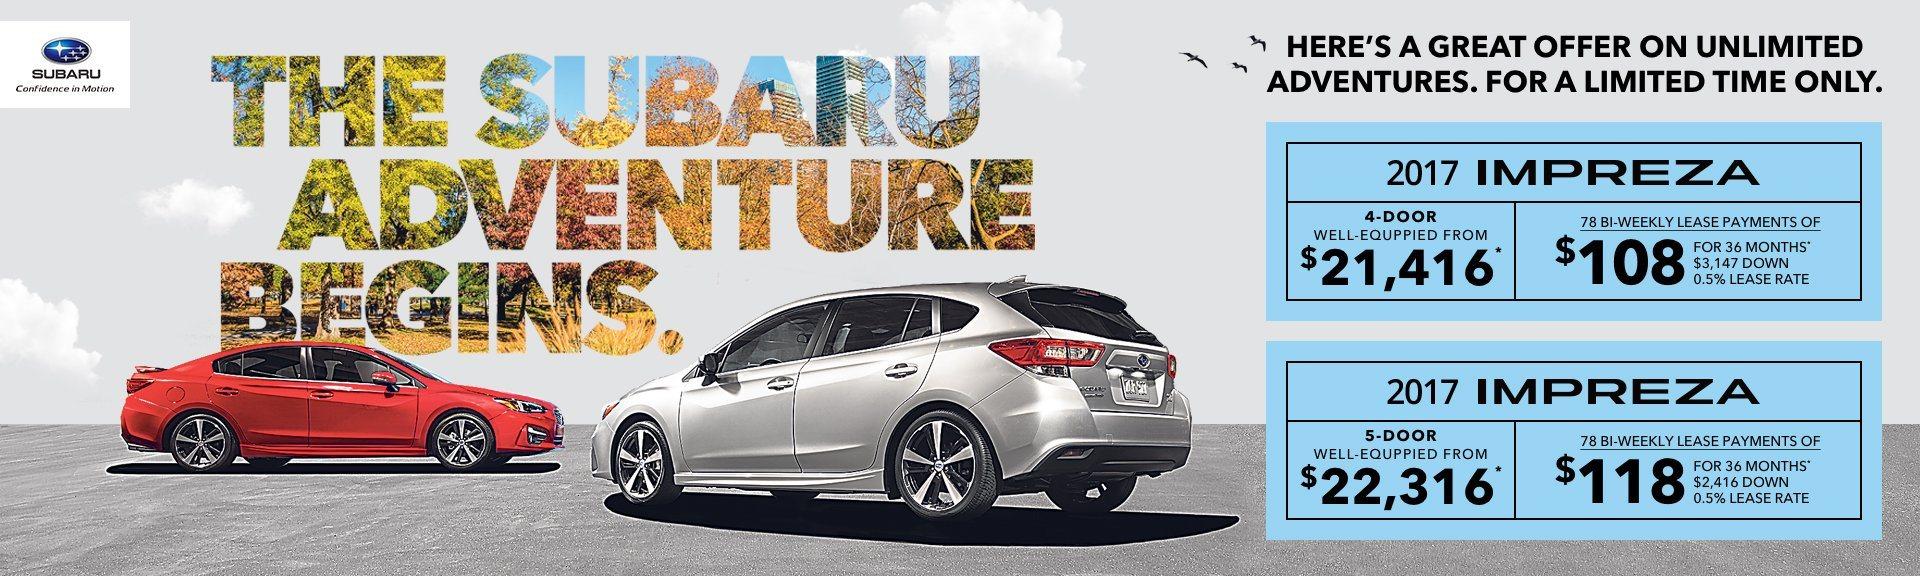 2017 Subaru Imperza